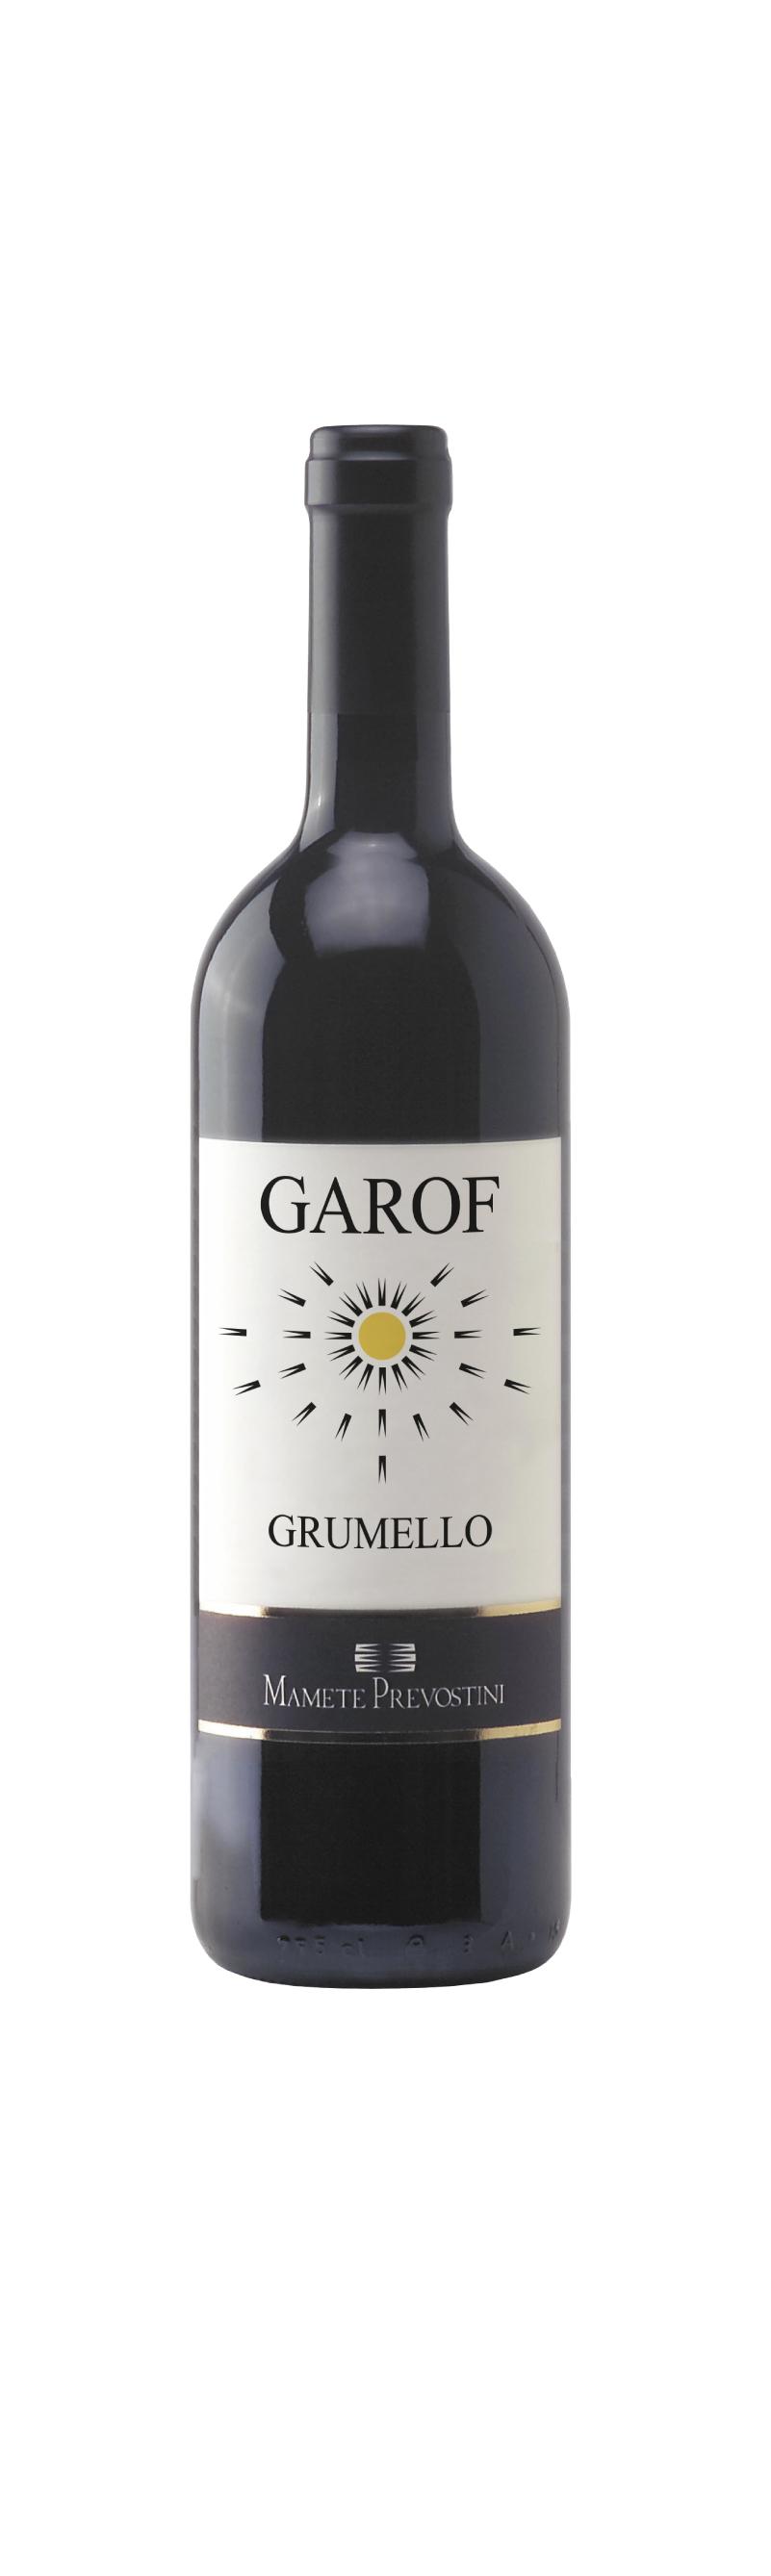 Garof Valtellina Superiore Grumello Docg